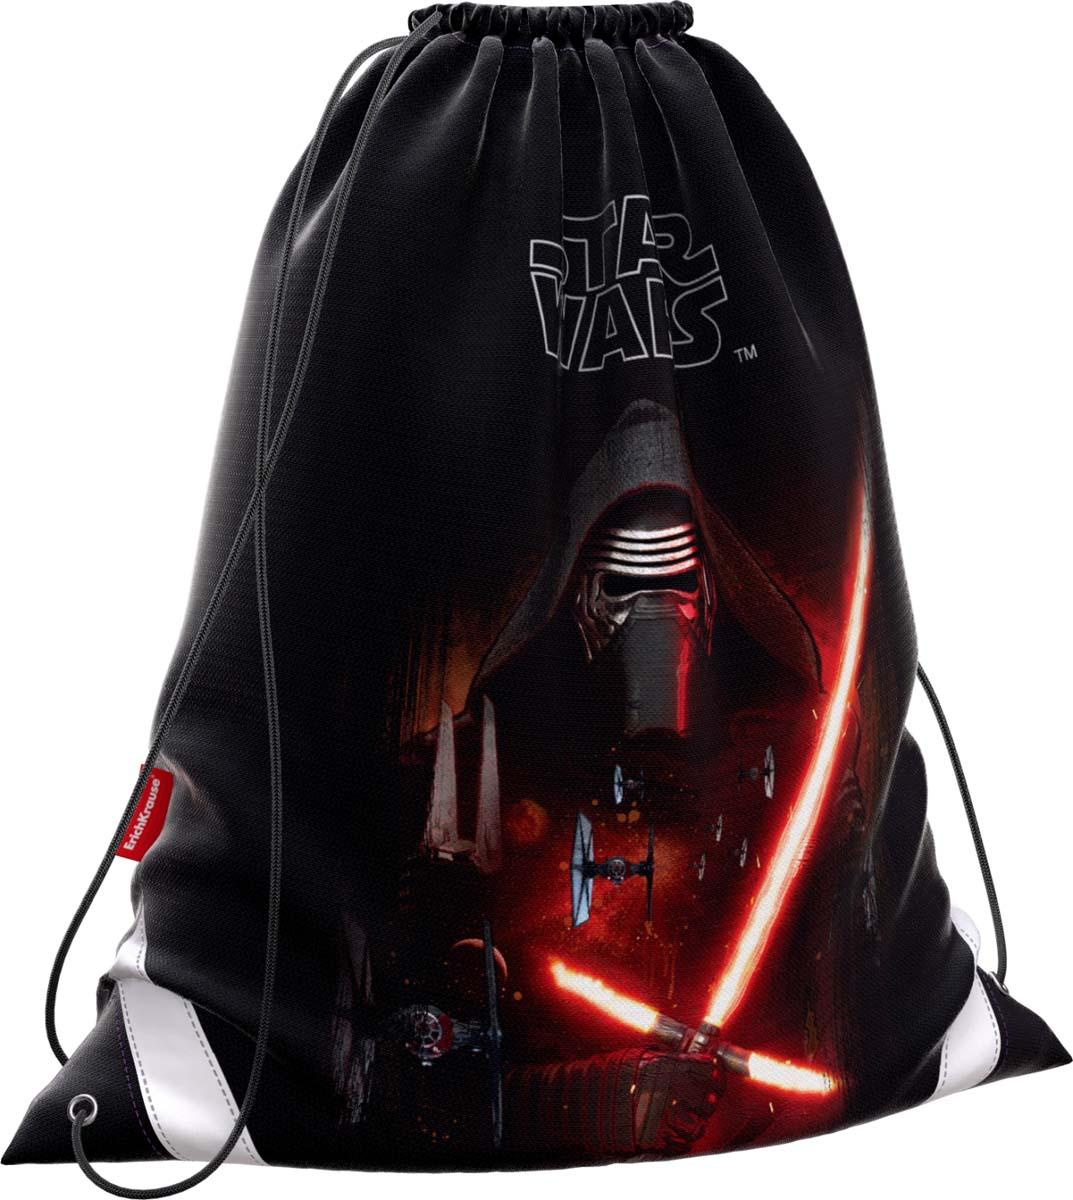 Disney Сумка для сменной обуви Звездные войны Последние джедаи - Ранцы и рюкзаки